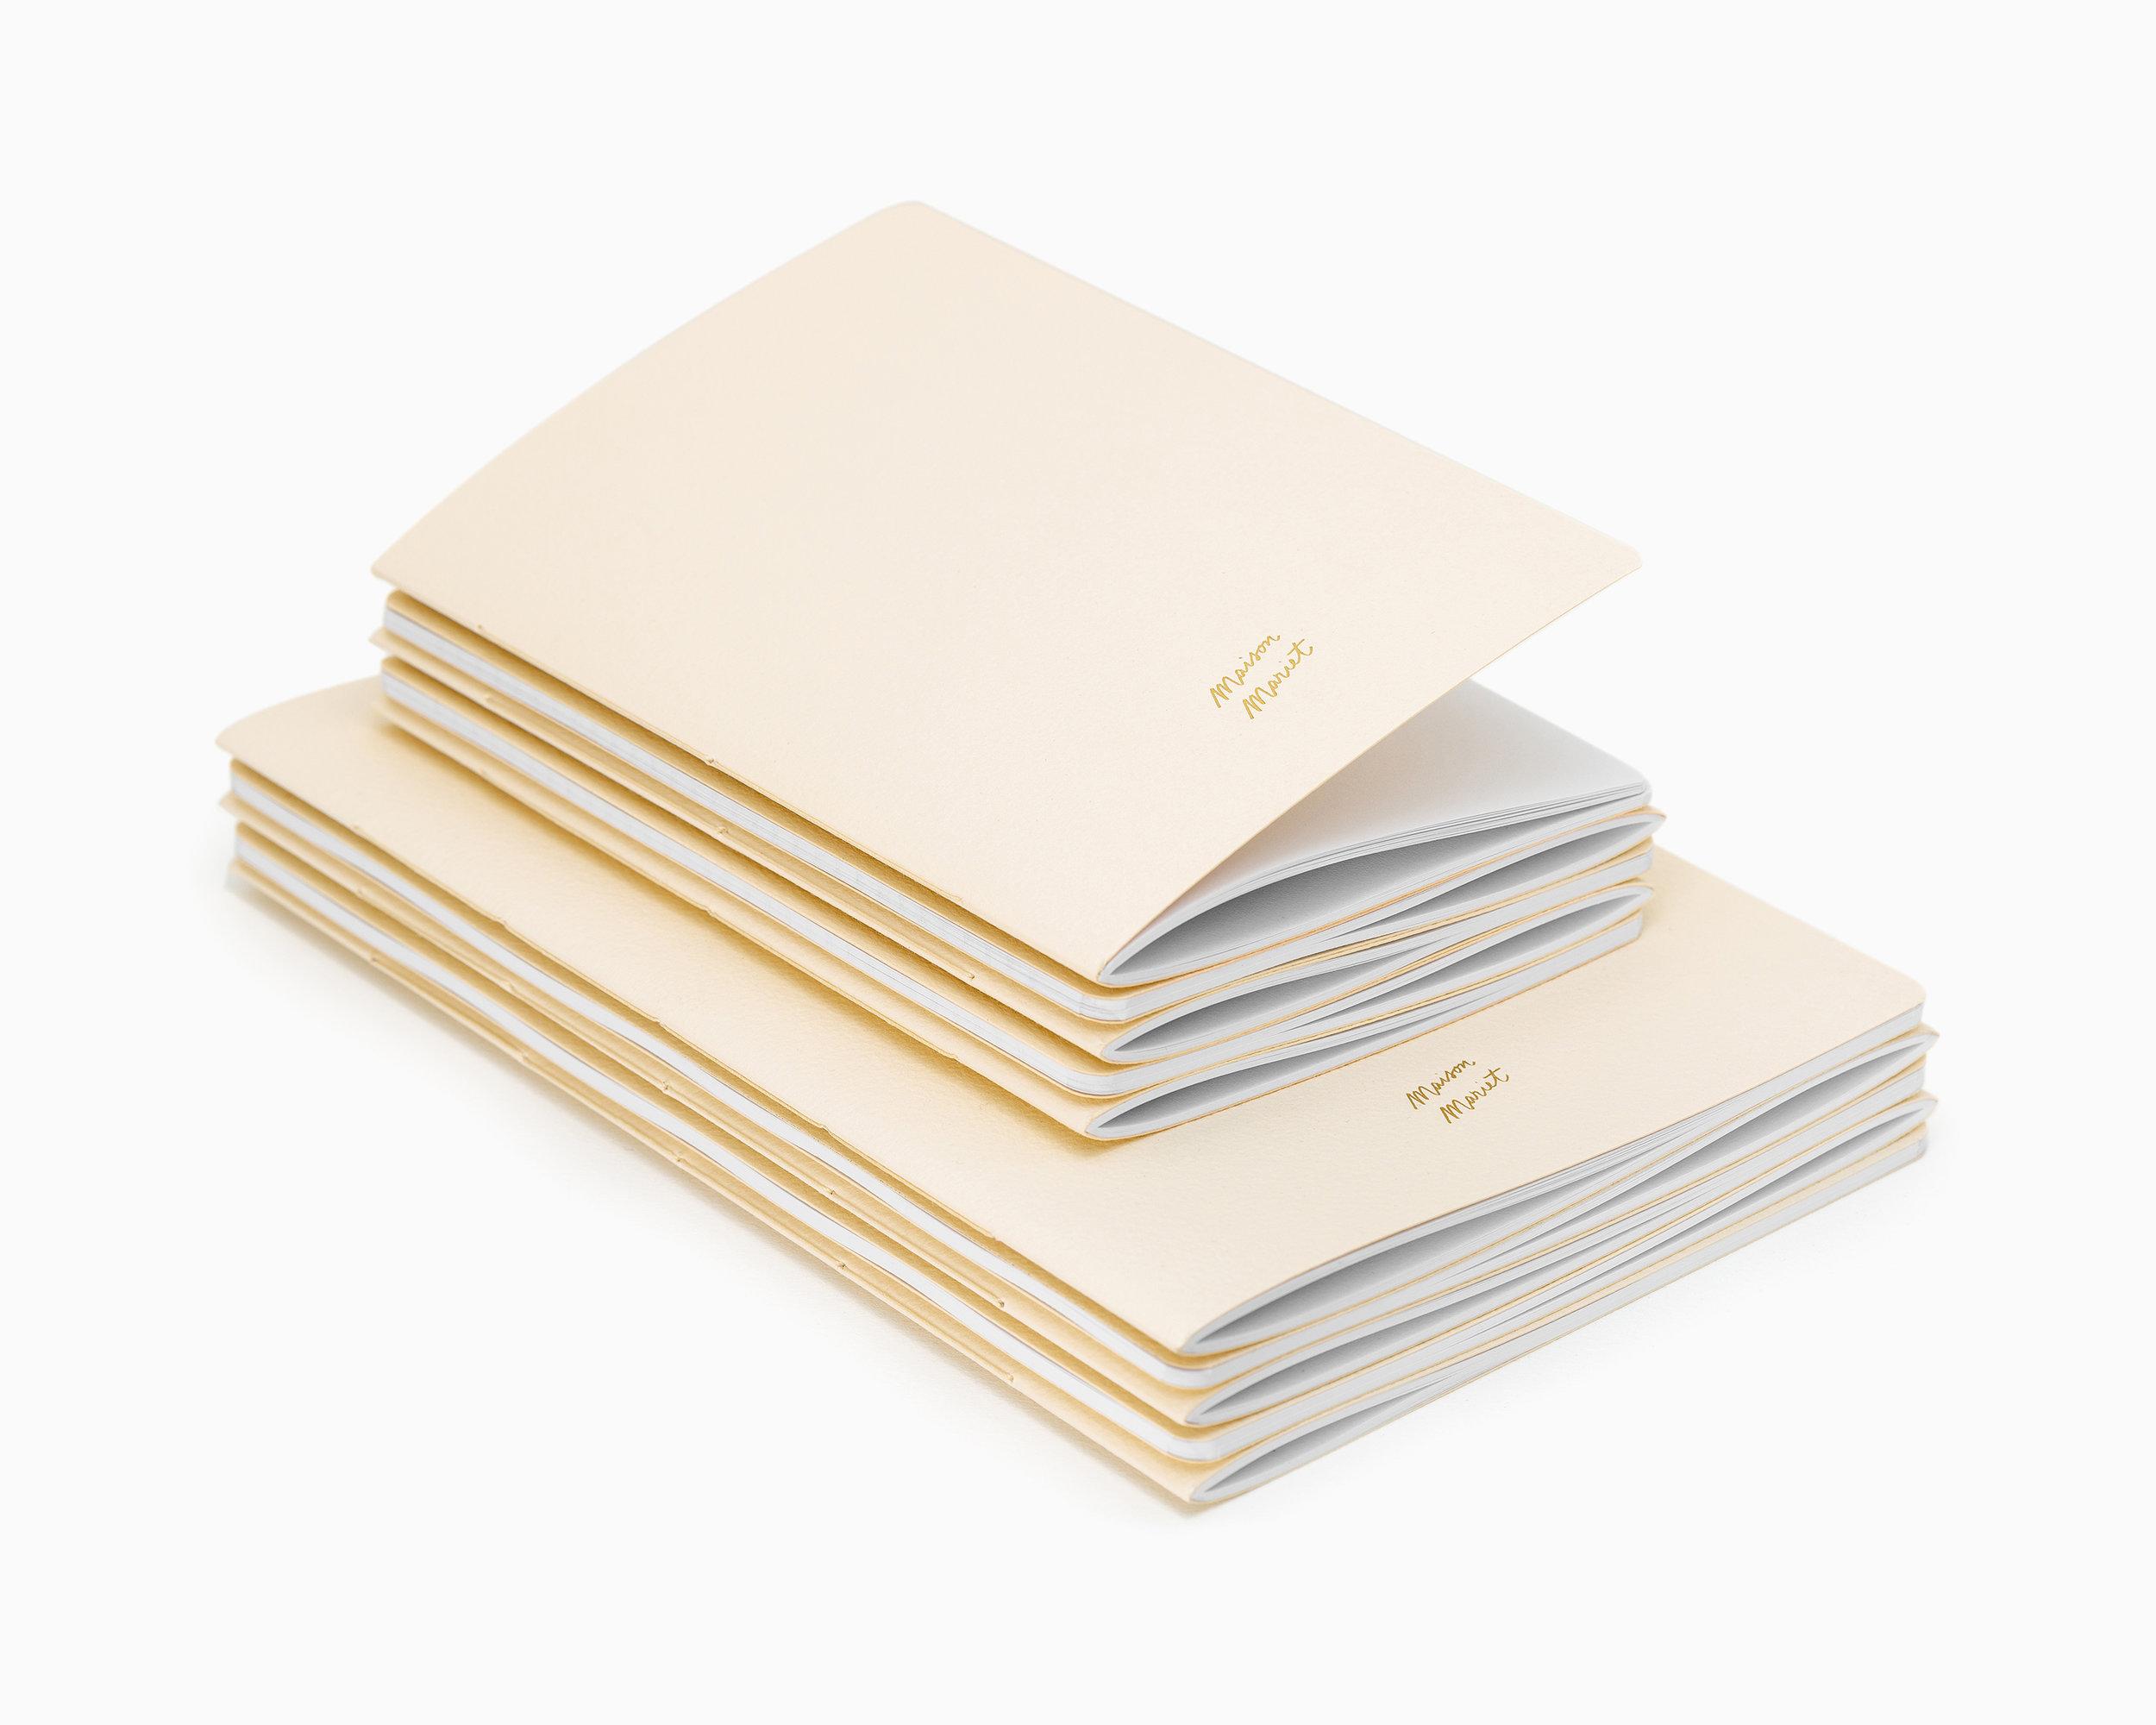 carnet 16x24cm beige.jpg